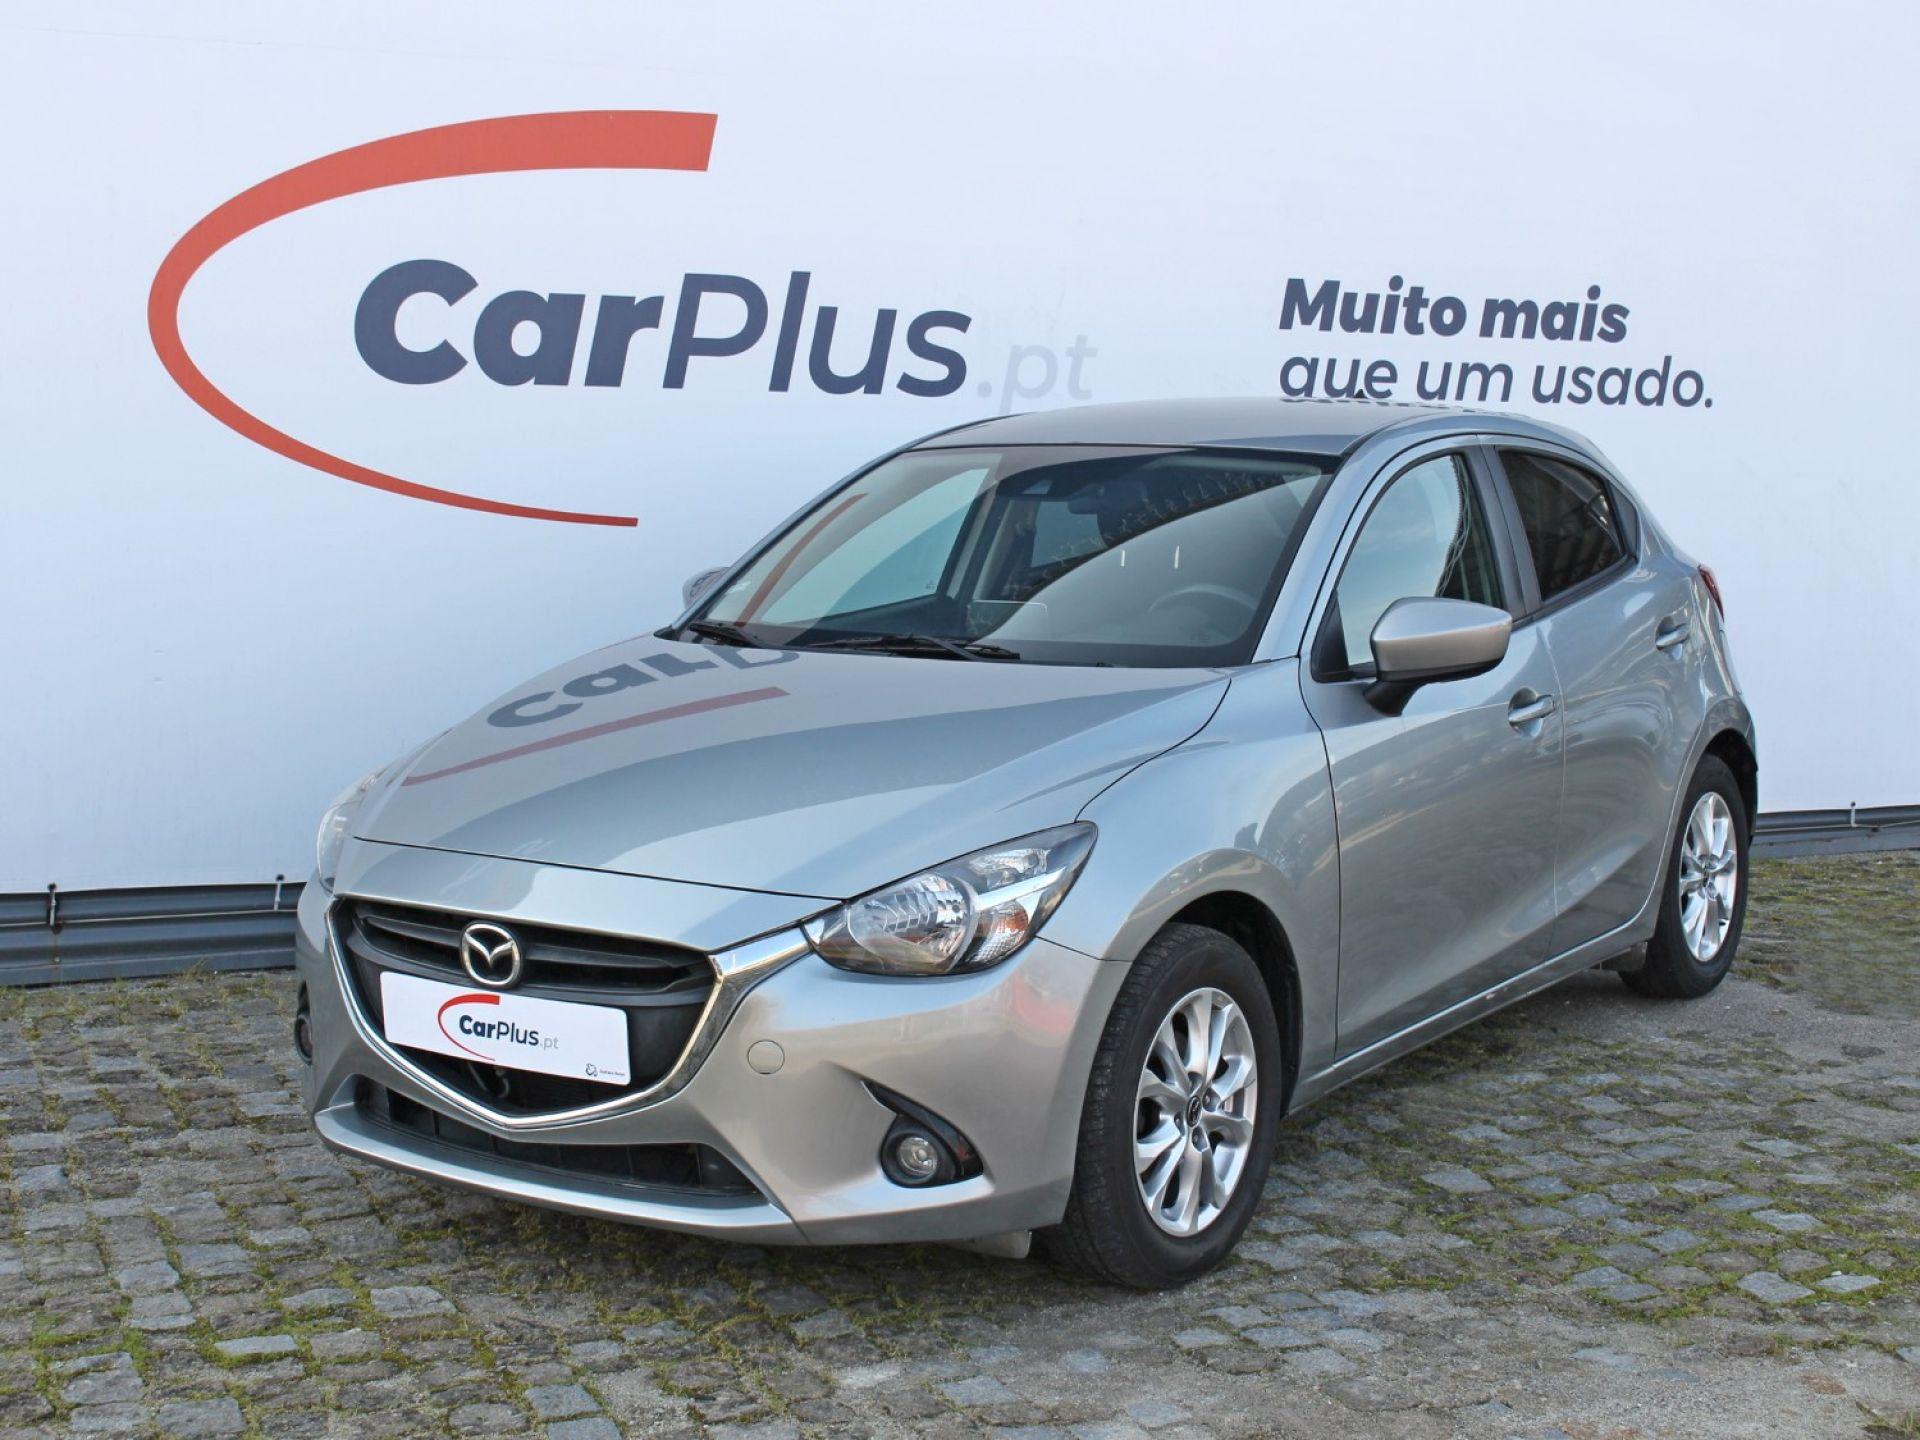 Mazda Mazda2 1.5 SKYACTIV-D 105 cv Evolve Navi segunda mão Porto